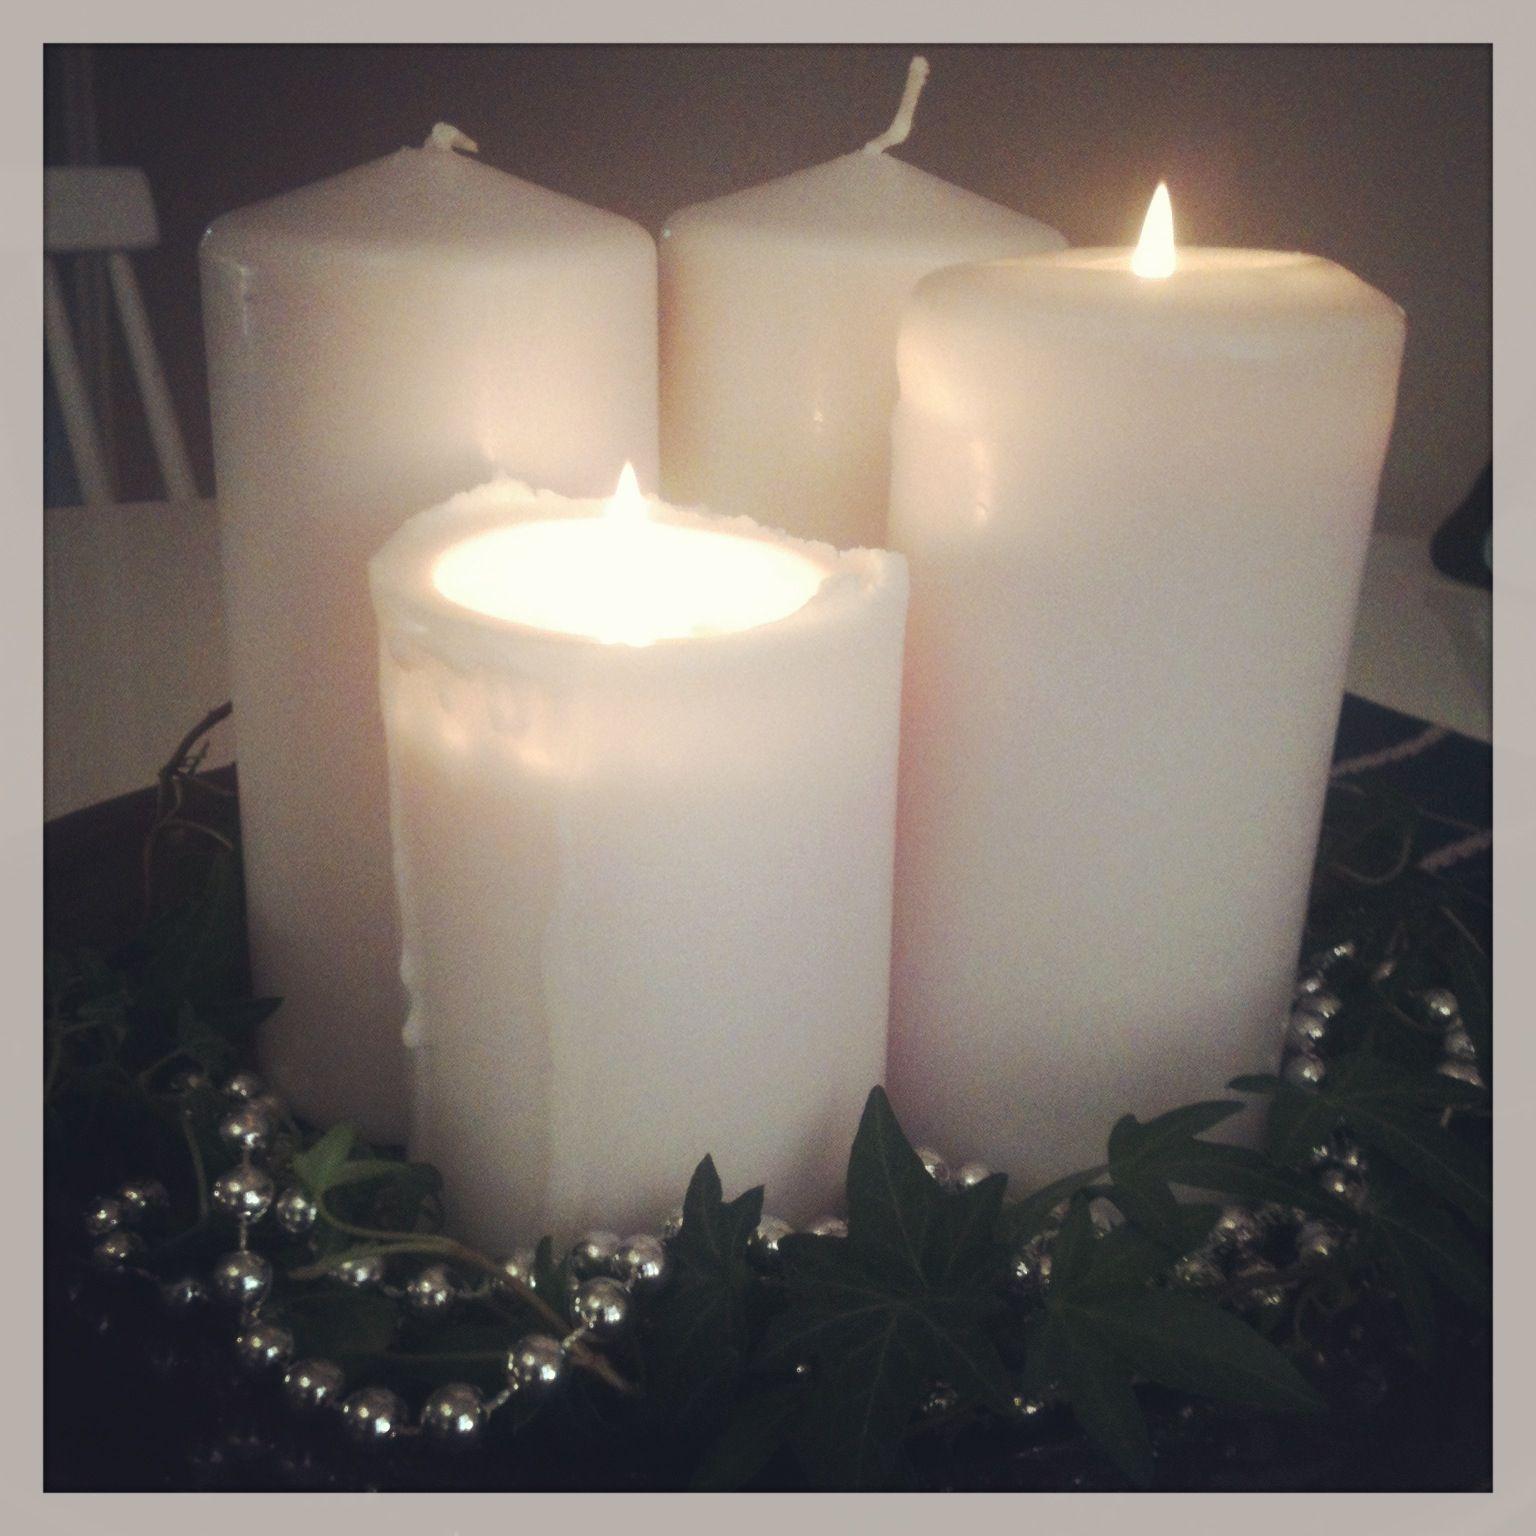 """Vår adventsljusstake: fyra vita blockljus, """"silver-pärlor"""" och murgröna på ett vinrött fat."""